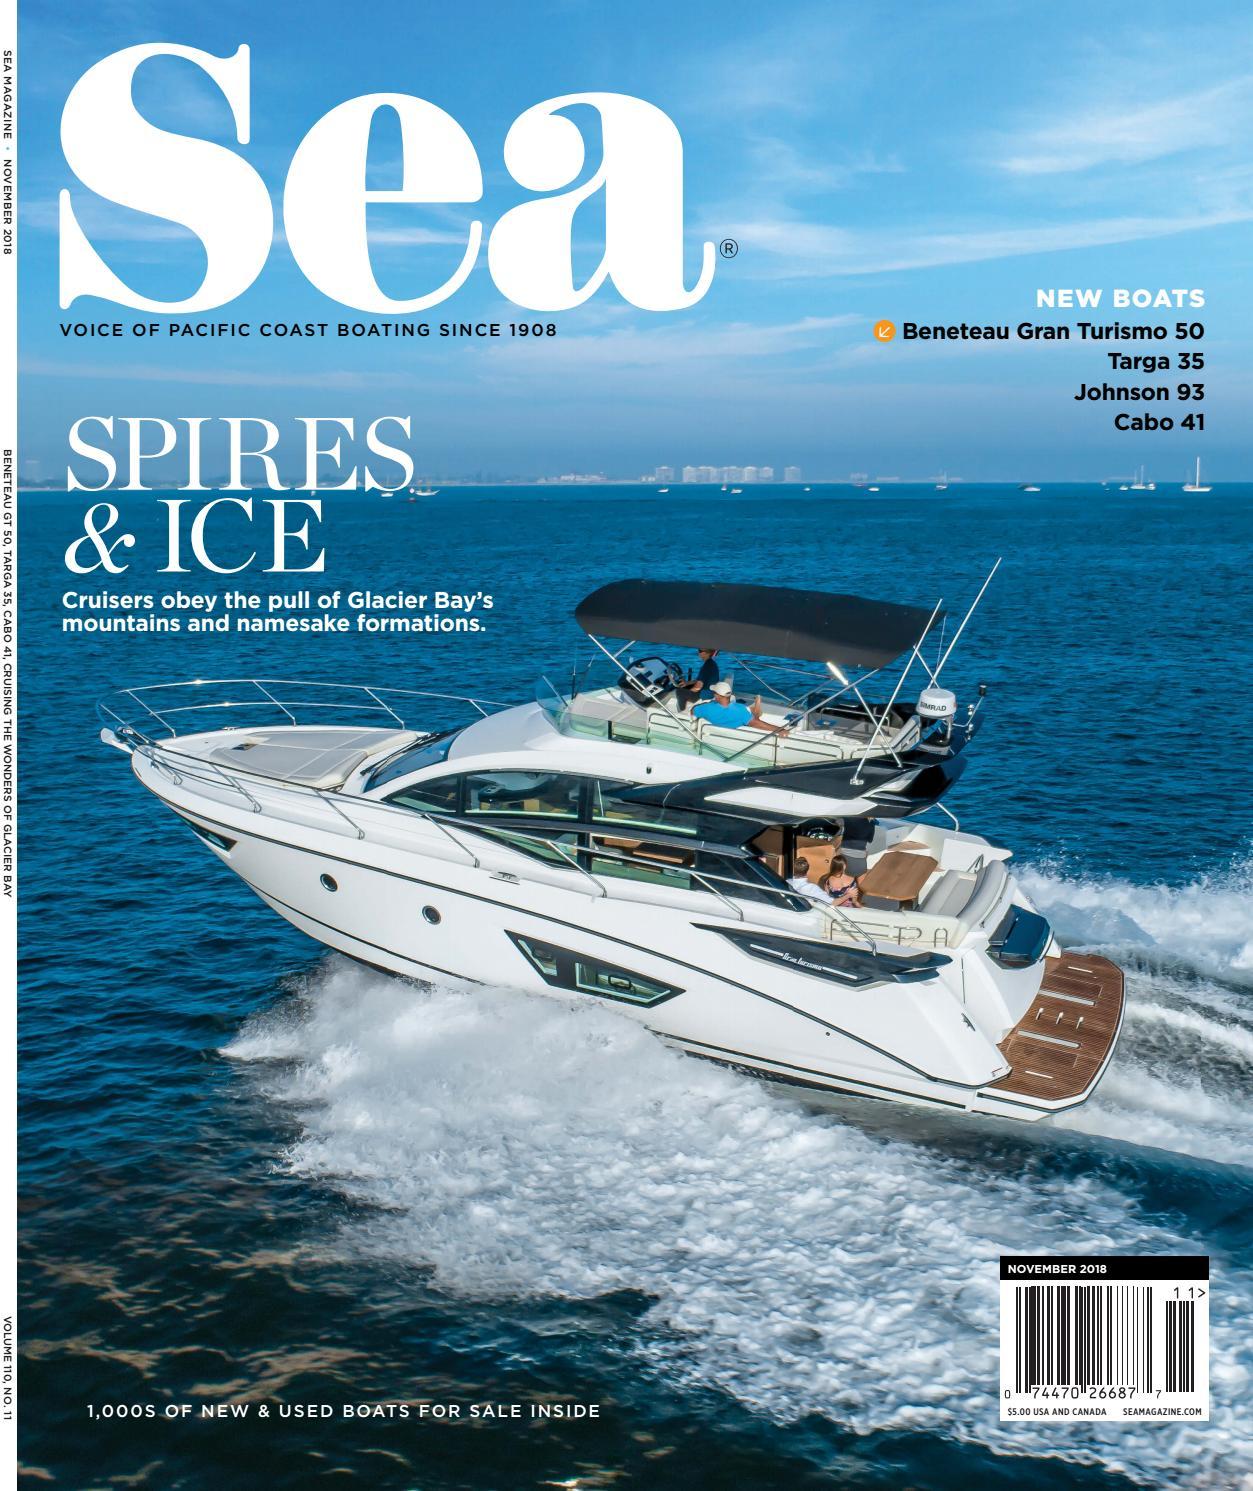 November 2018 - Sea Magazine